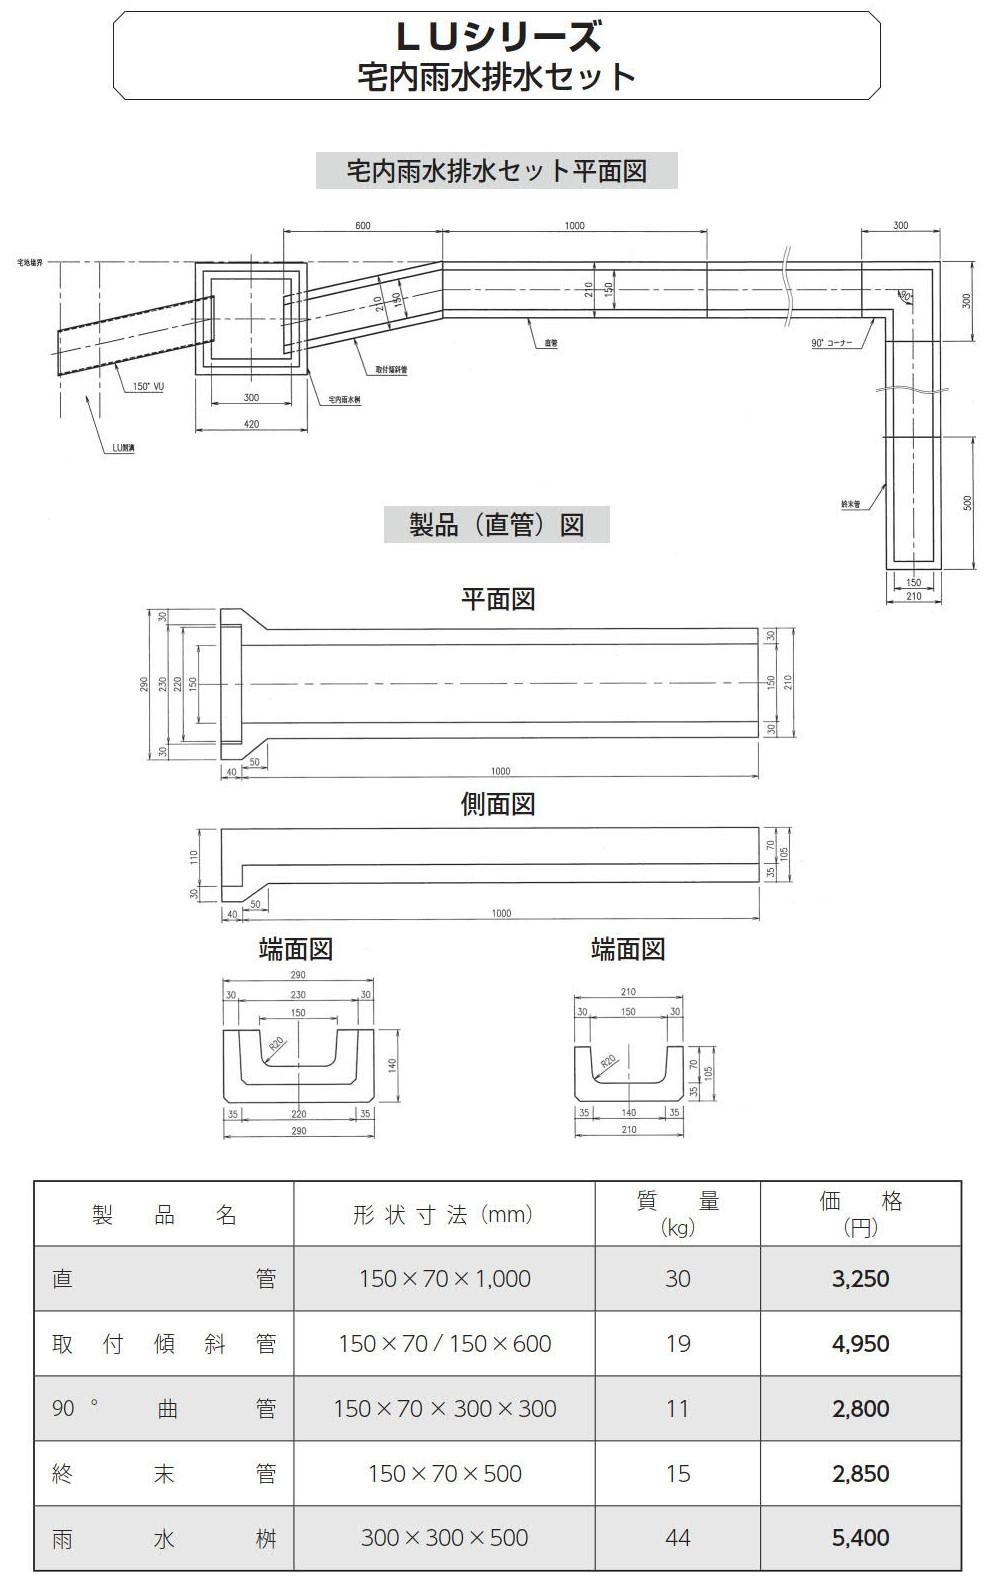 オリジナル側溝|LUシリーズ 集水桝、宅内雨水排水セット 外形寸法 1